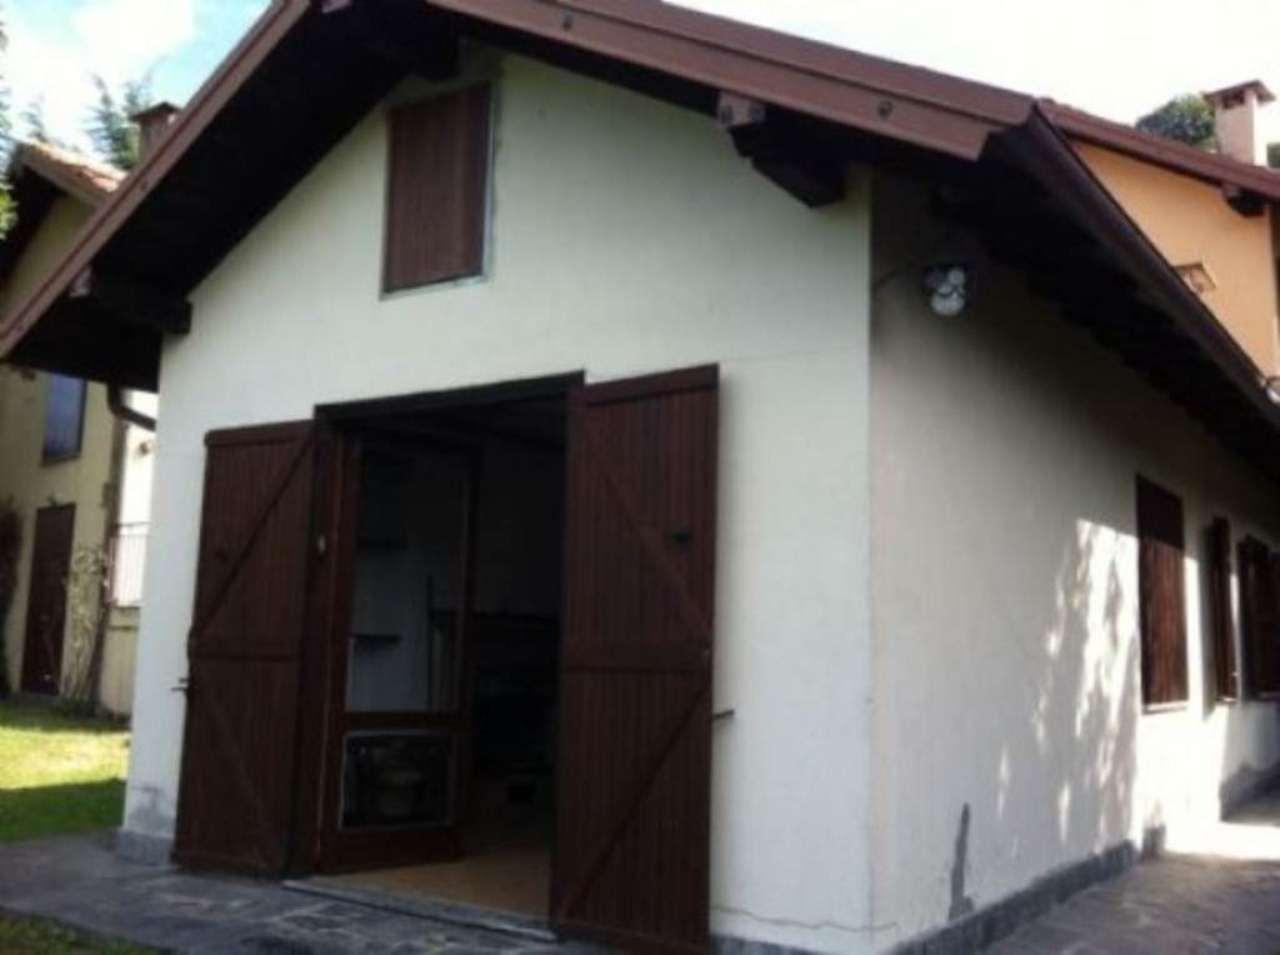 Villa a Schiera in vendita a Armeno, 2 locali, prezzo € 130.000 | Cambio Casa.it